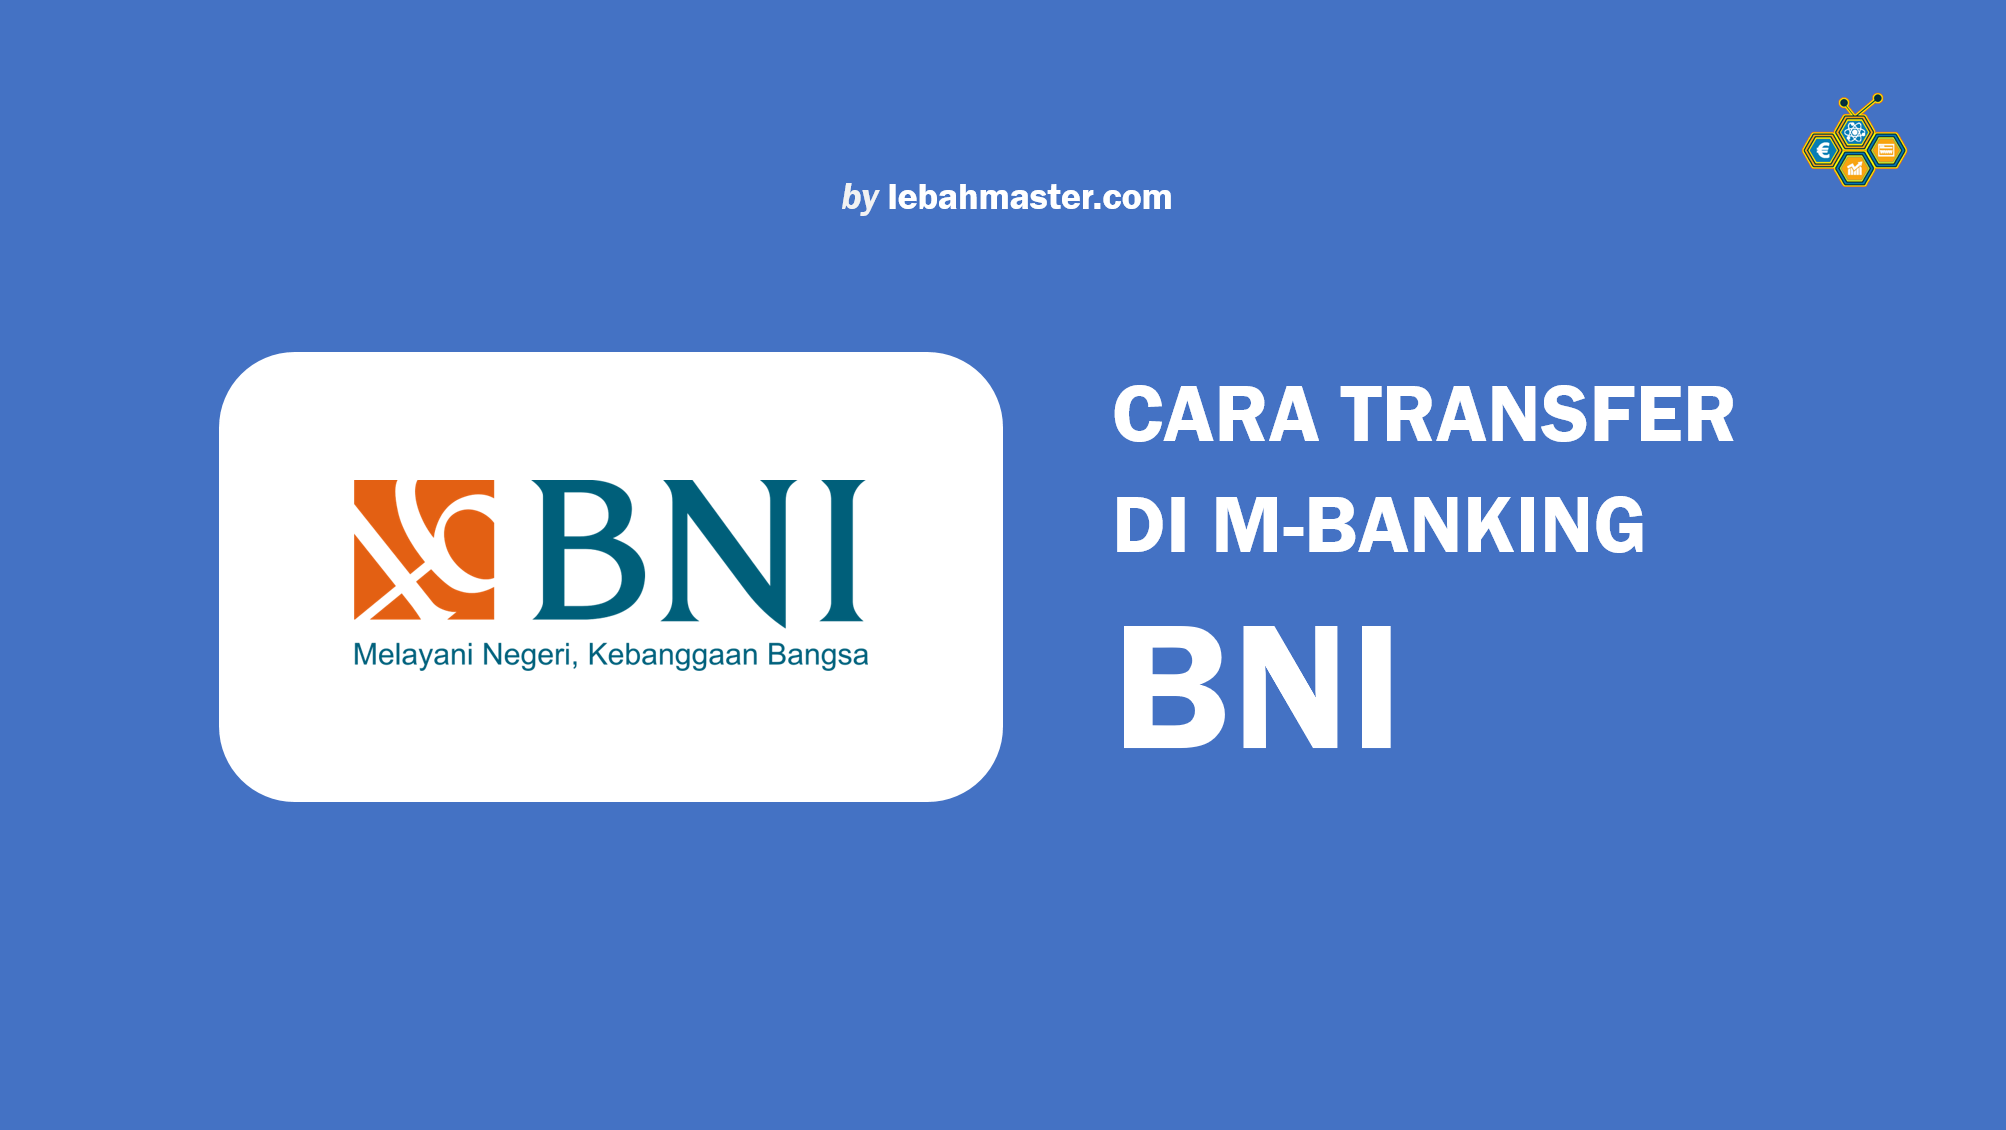 Cara Transfer M-Banking BNI